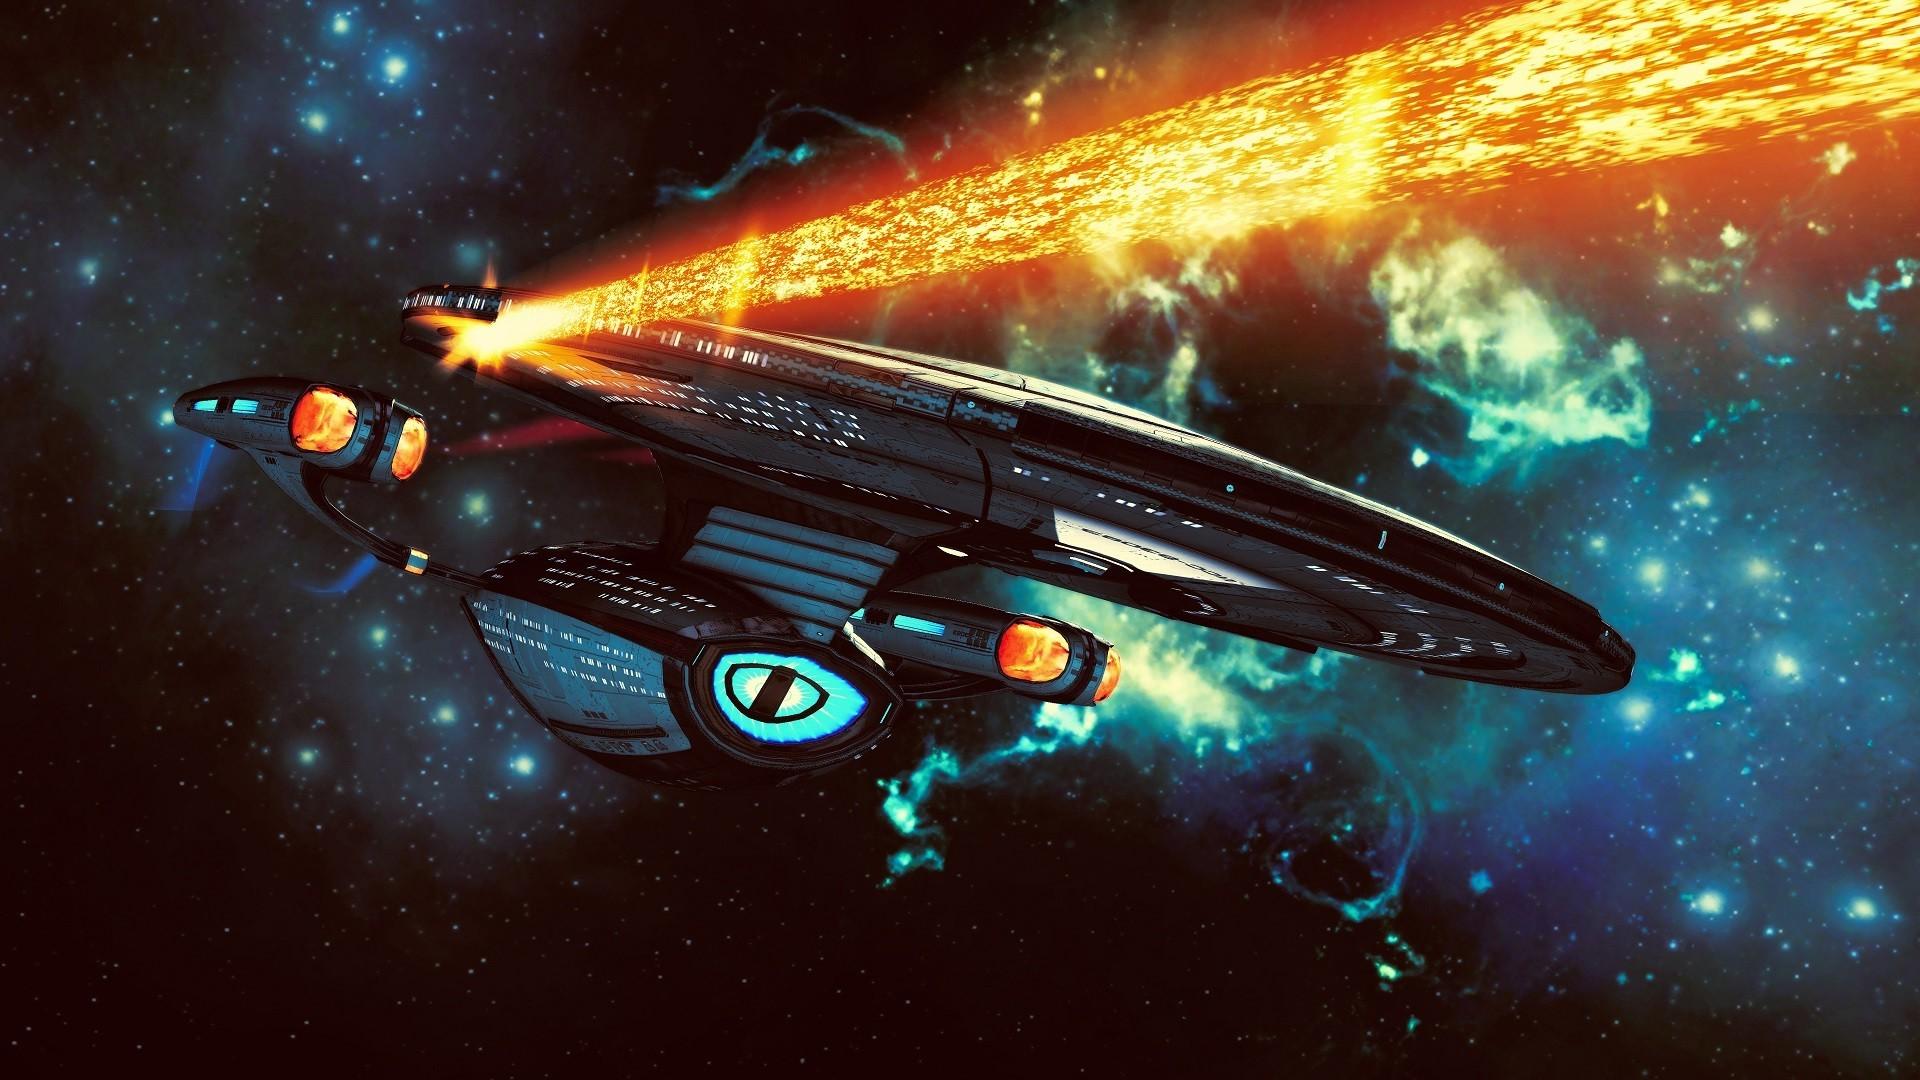 Masaustu Illustrasyon Video Oyunlari Bosluk Arac Uzay Gemisi